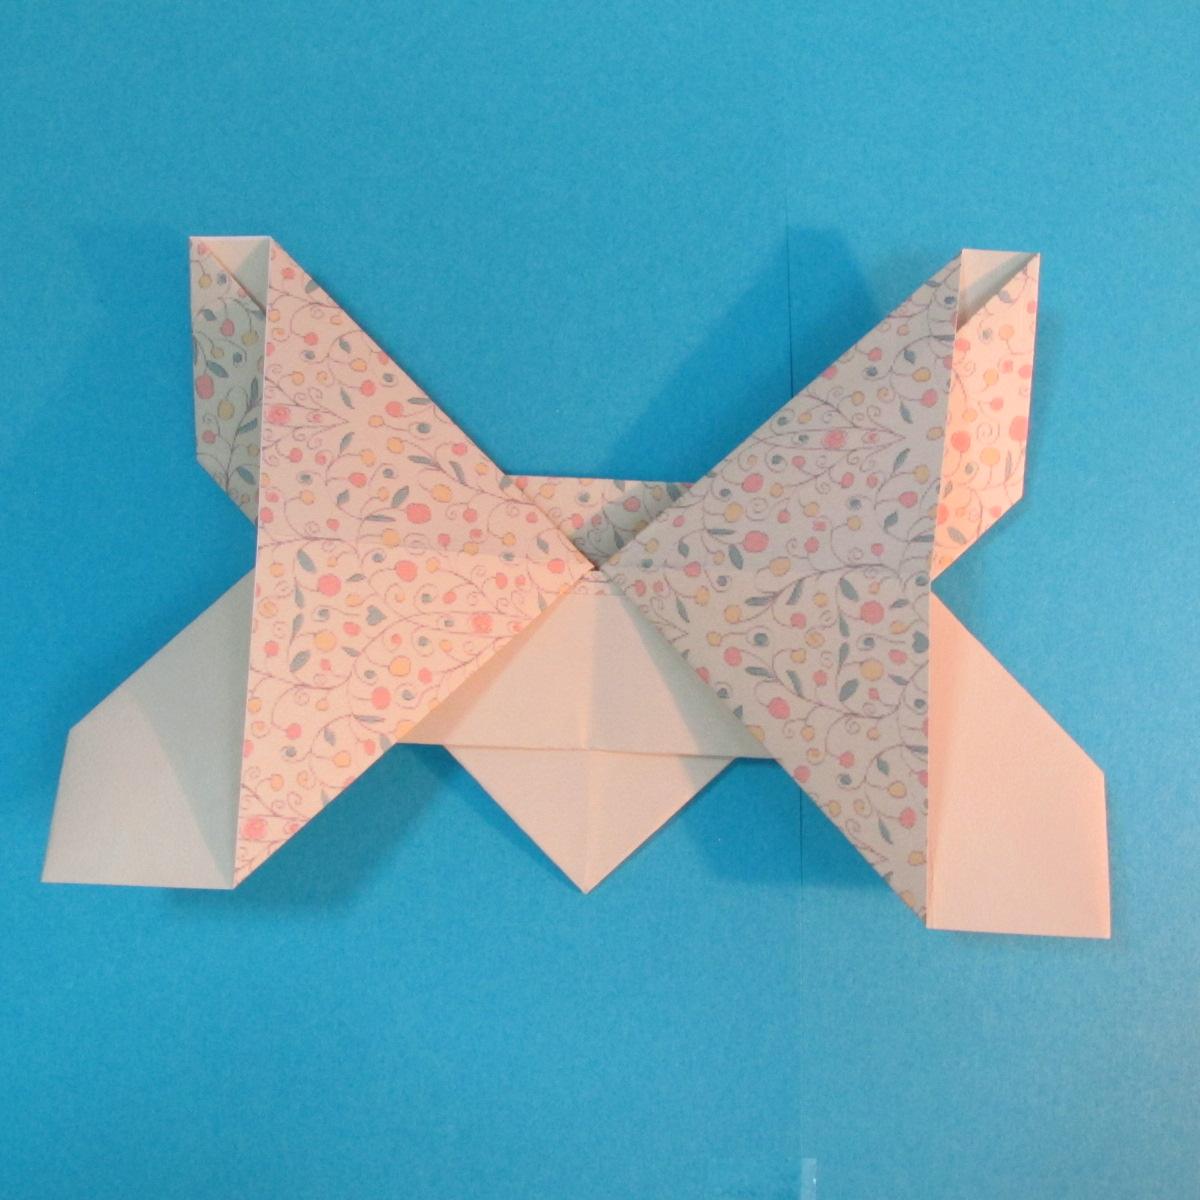 วิธีพับกระดาษเป็นผีเสื้อหางแฉก 029